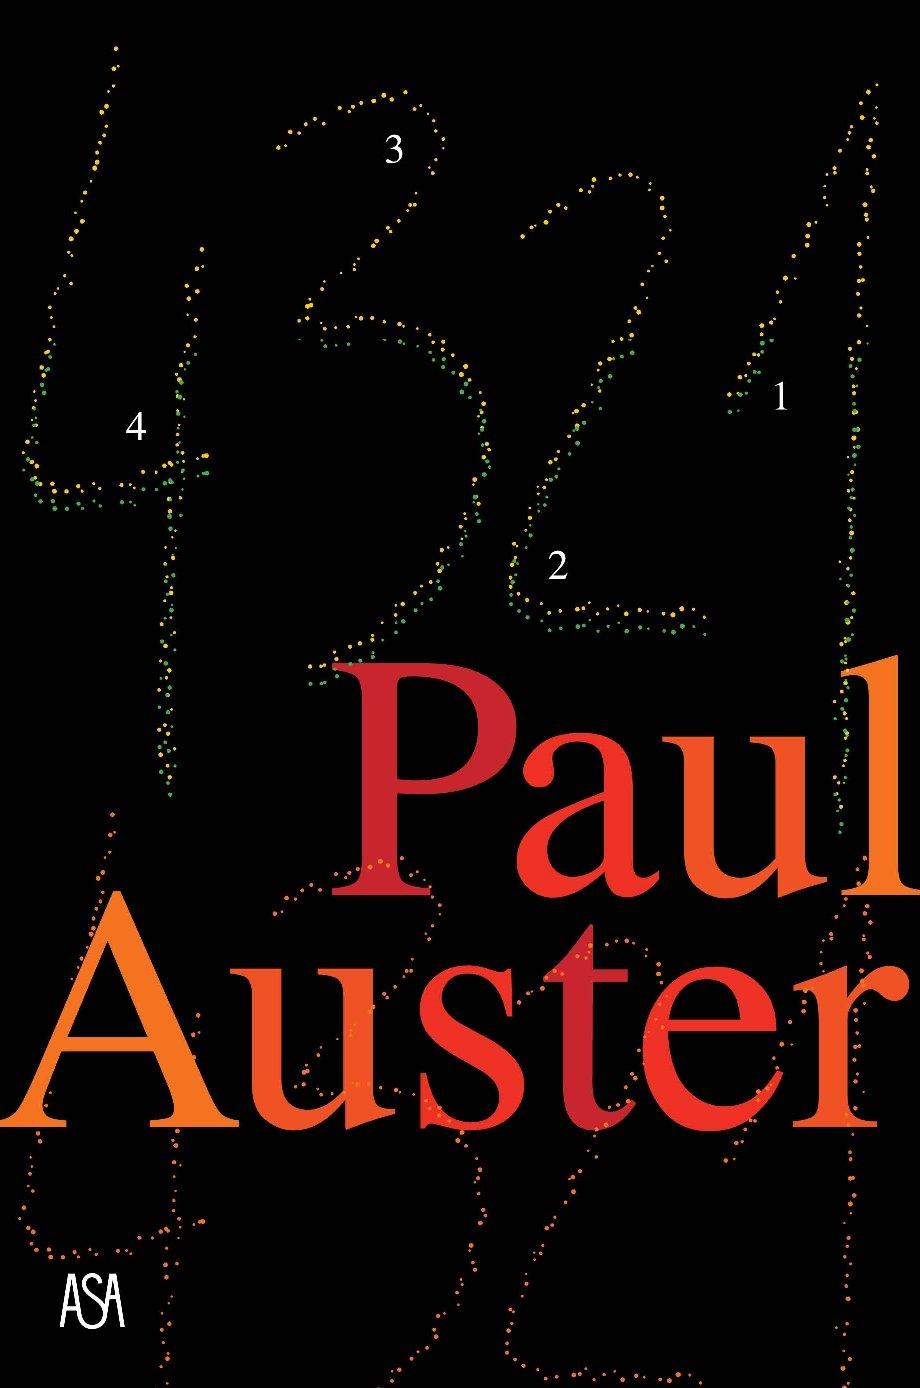 Paul Auster 4321_ASA